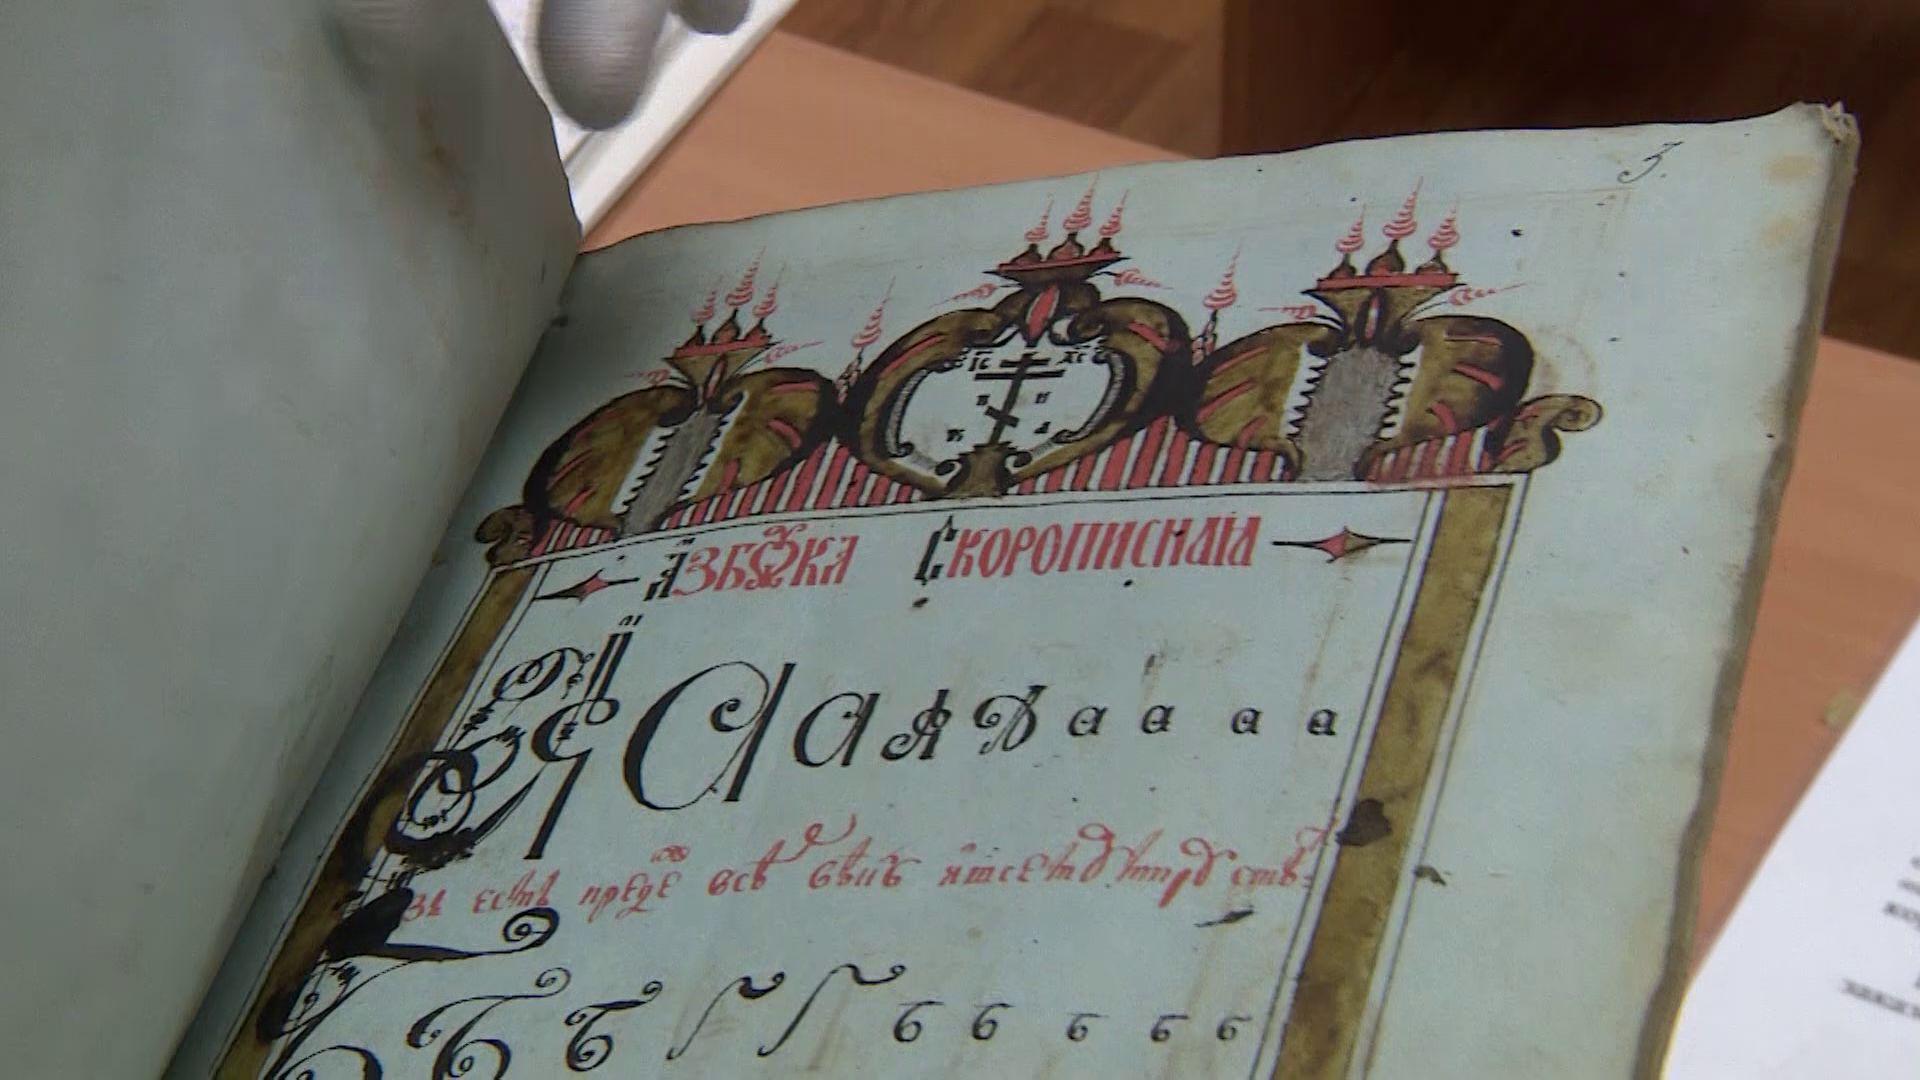 Великий и могучий русский алфавит отмечает день рождения